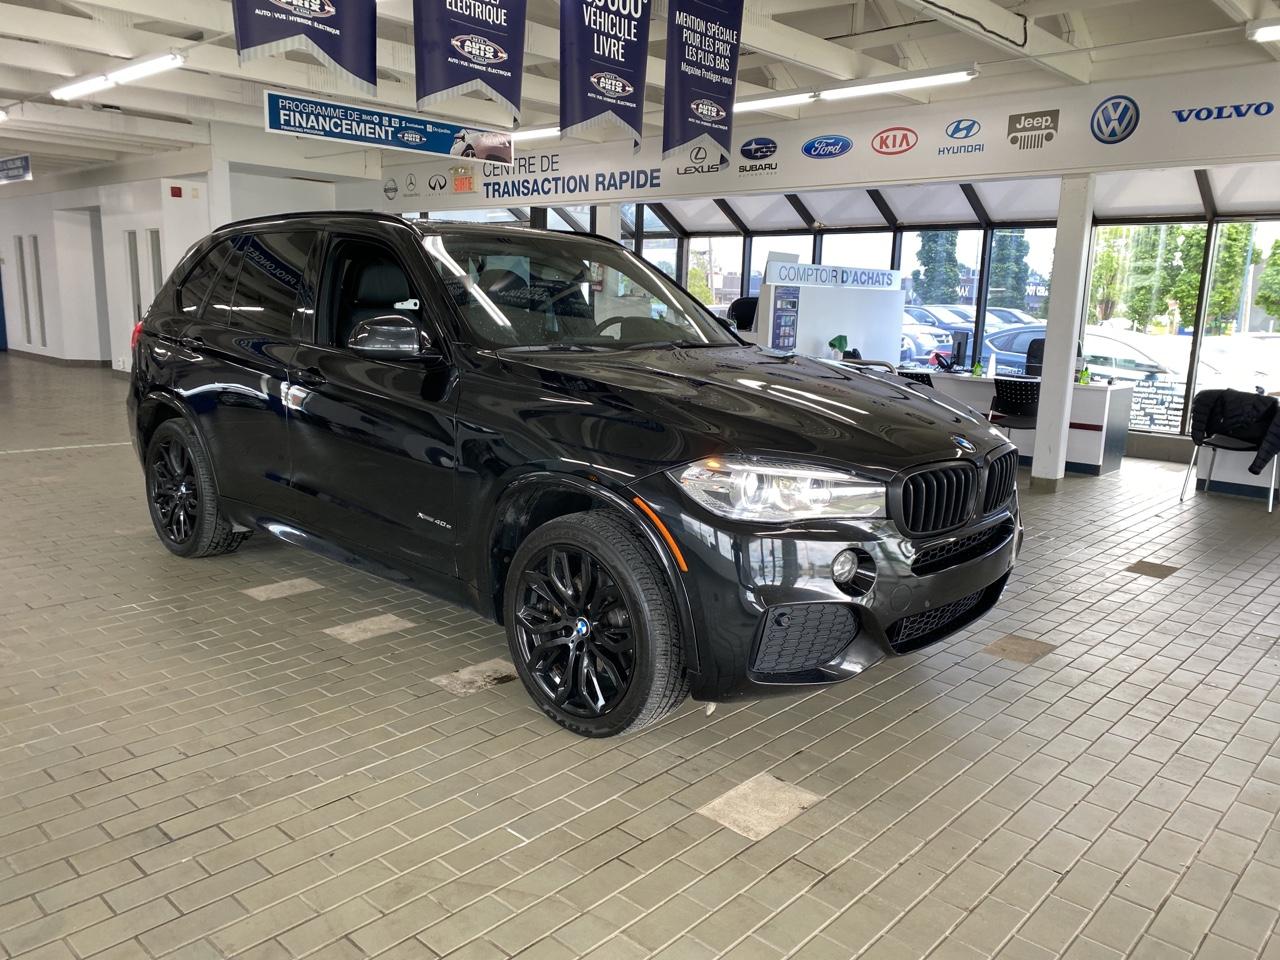 BMW X5 HYBRID PLUG-IN